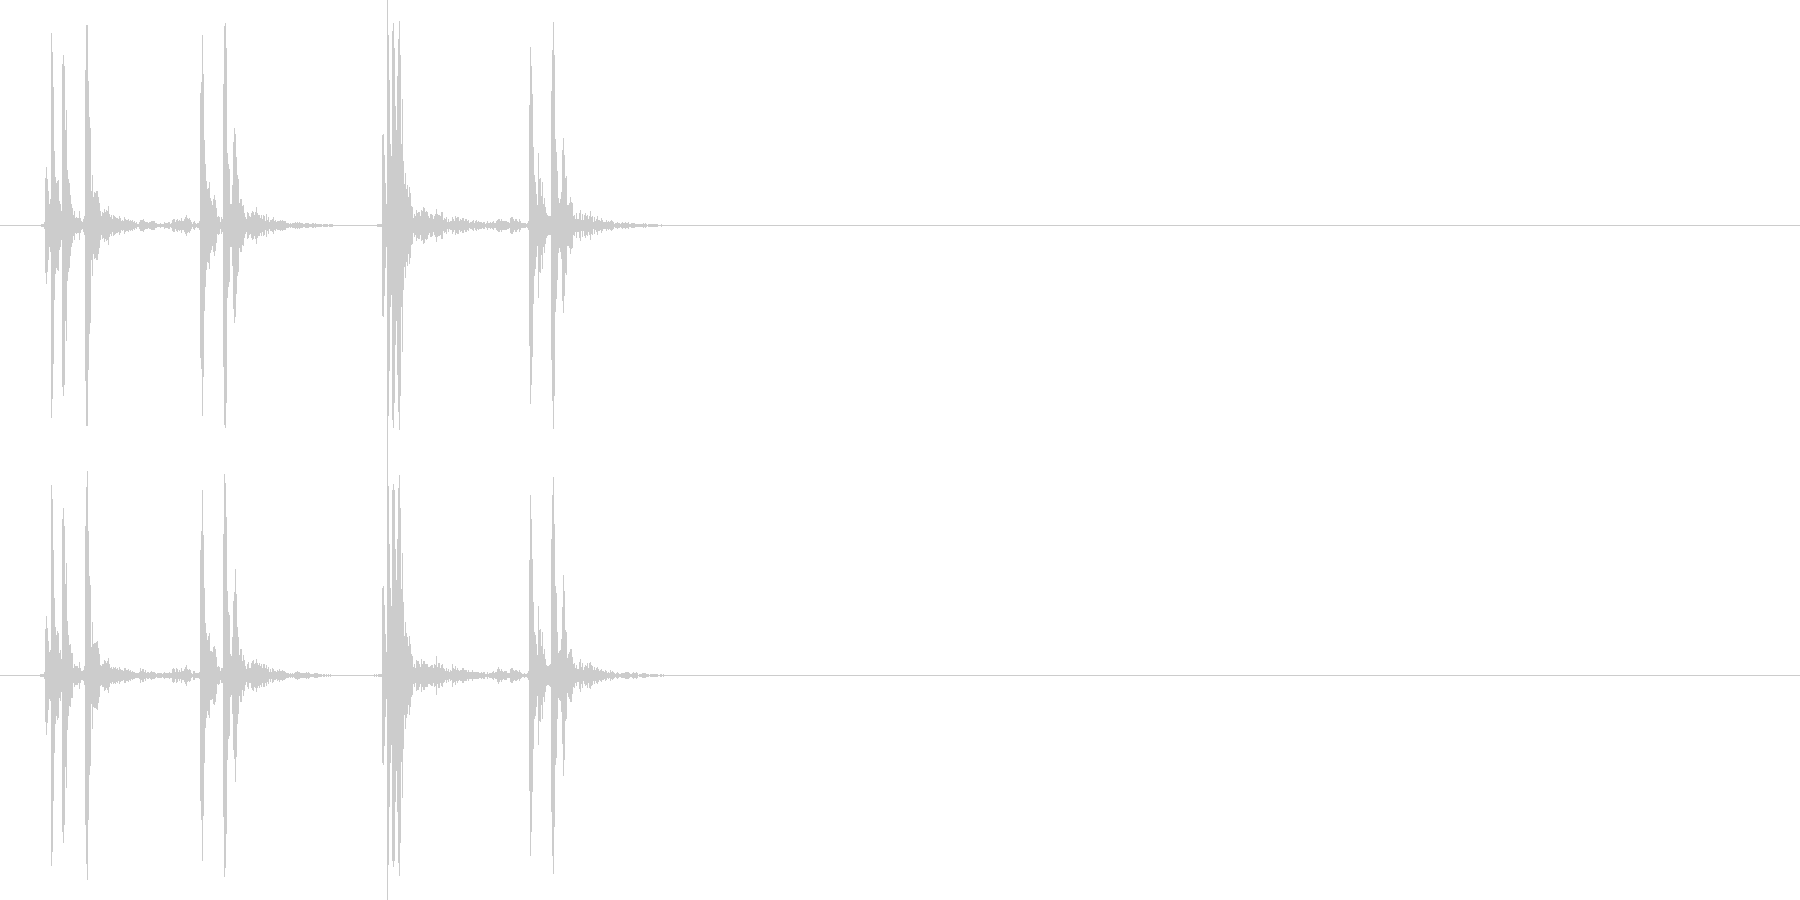 カチカチ_マウス_クリック_01の未再生の波形